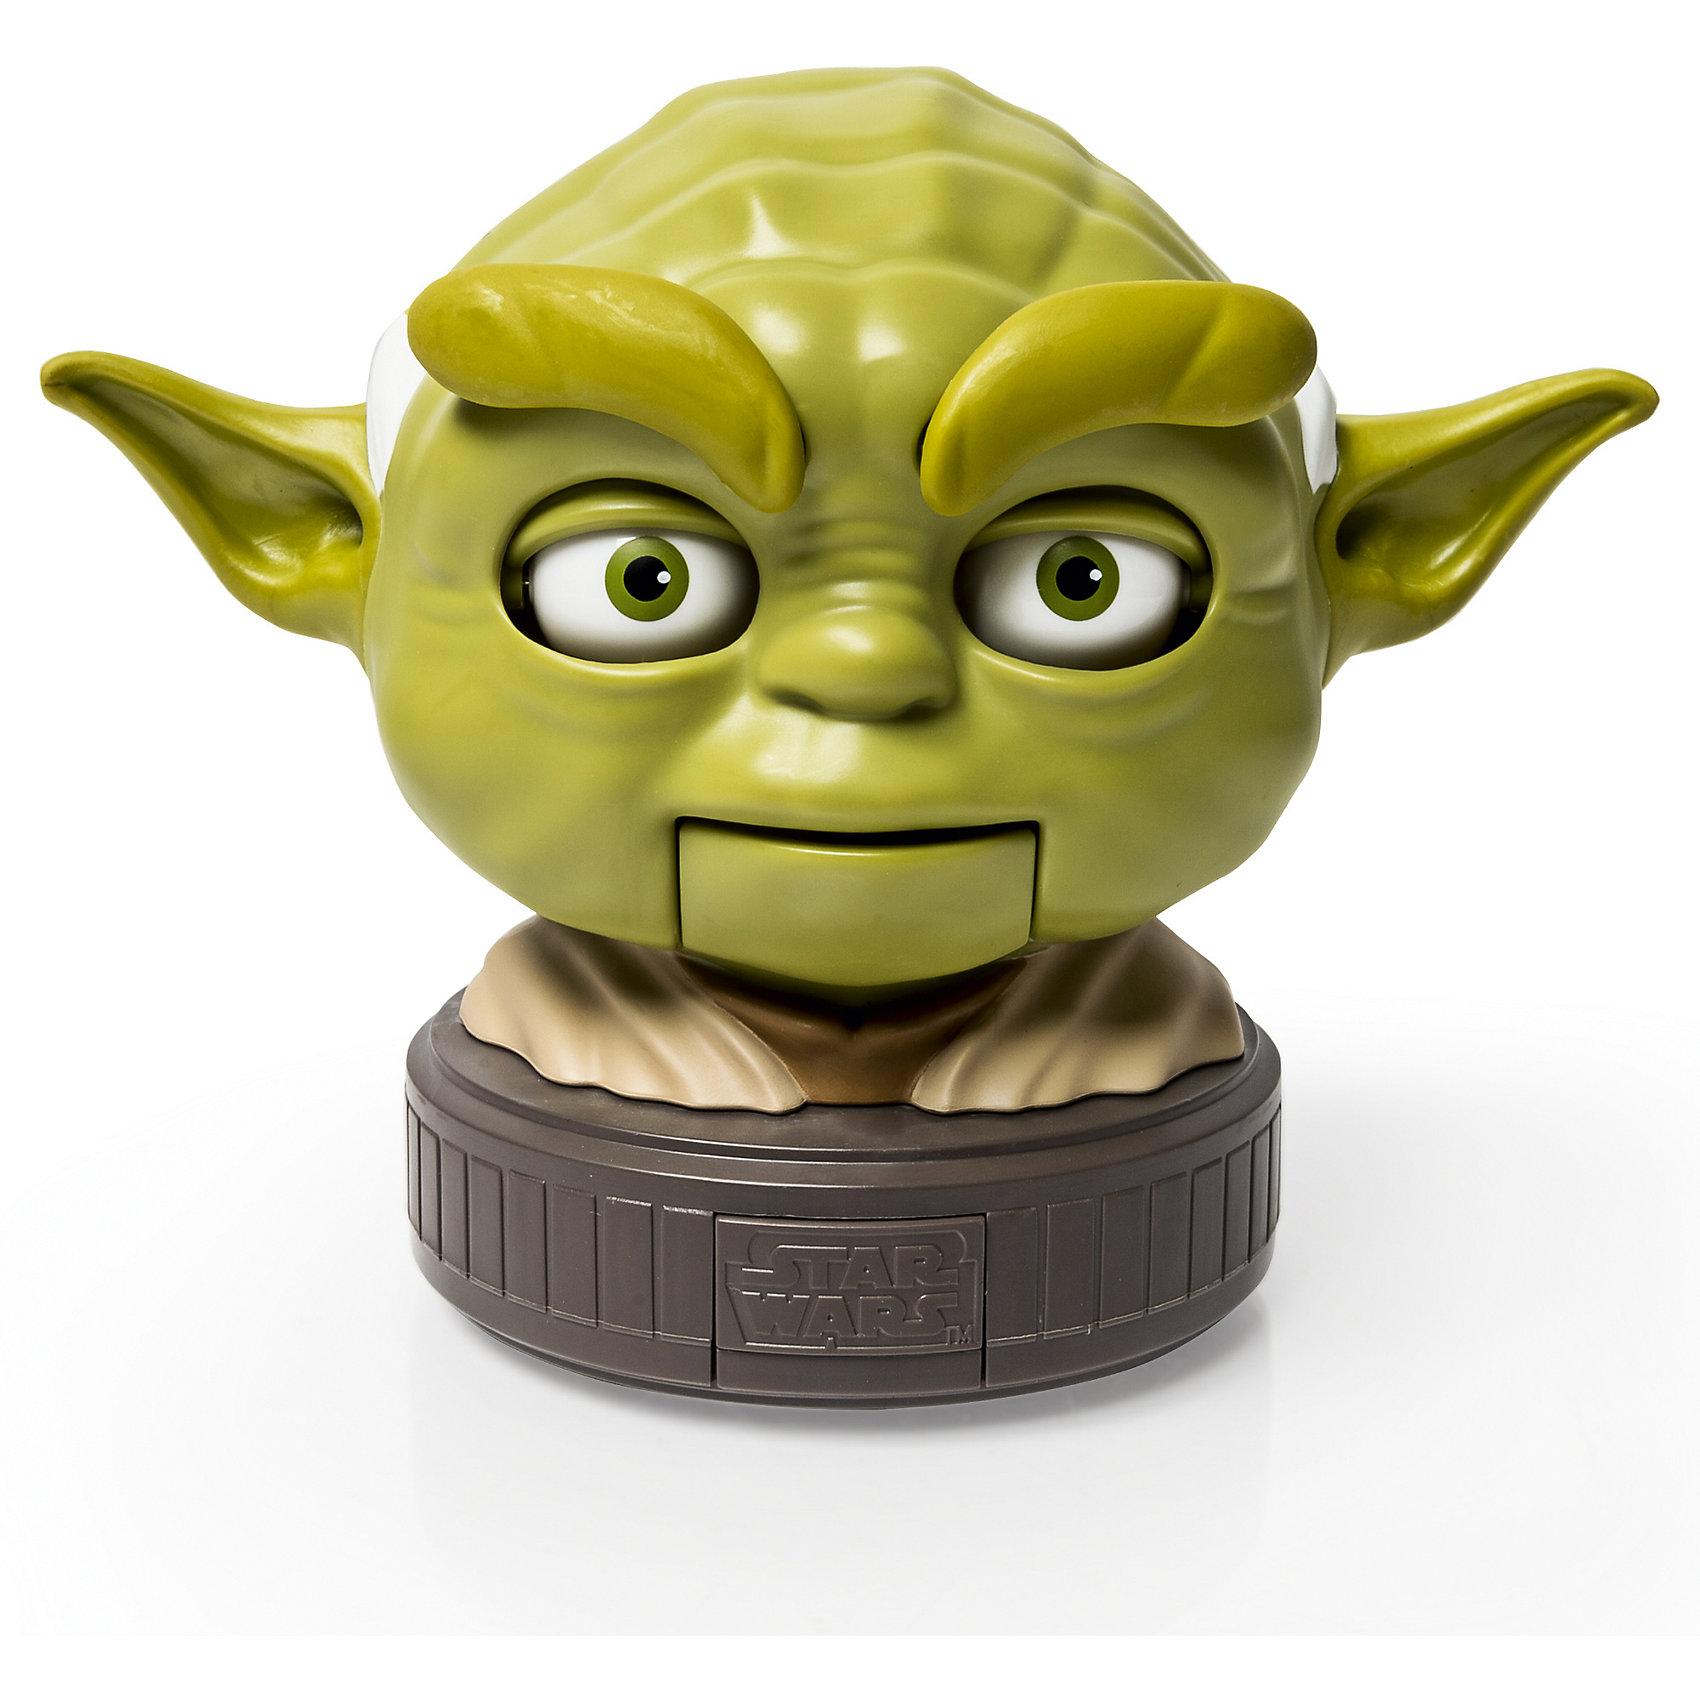 Интерактивная игрушка Бормочущие головы: Йода, Звездные войны, SpinmasterБормочущие головы, Звездные войны, Spinmaster (Спин Мастер) - оригинальная игрушка, которая порадует всех поклонников знаменитой киноэпопеи Звездные войны (Star Wars). Игрушка выполнена в виде фигурки (верхняя часть торса и голова) одного из популярных героев фильма и произносит 6 фраз на английском языке голосом персонажа. В данном наборе представлена голова одного из самых знаменитых персонажей саги - грандмастера Ордена Джедаев Йоды. Игрушка выполнена с высокой степенью детализации, лицо обладает живой мимикой - при произнесении фразы рот, глаза и брови двигаются. В дальнейшем в ассортименте появятся головы других персонажей фильма.<br><br>Дополнительная информация:        <br><br>- Материал: пластик. <br>- Требуются батарейки: 3 х ААА / LRO.3V (мизинчиковые) (не входят в комплект).<br>- Высота игрушки: 12 см. <br>- Размер упаковки: 21 х 11 х 16 см.<br>- Вес: 0,61 кг.<br><br>Бормочущие головы, Звездные войны, Spinmaster, можно купить в нашем интернет-магазине.<br><br>Ширина мм: 114<br>Глубина мм: 215<br>Высота мм: 165<br>Вес г: 610<br>Возраст от месяцев: 36<br>Возраст до месяцев: 192<br>Пол: Мужской<br>Возраст: Детский<br>SKU: 4340074